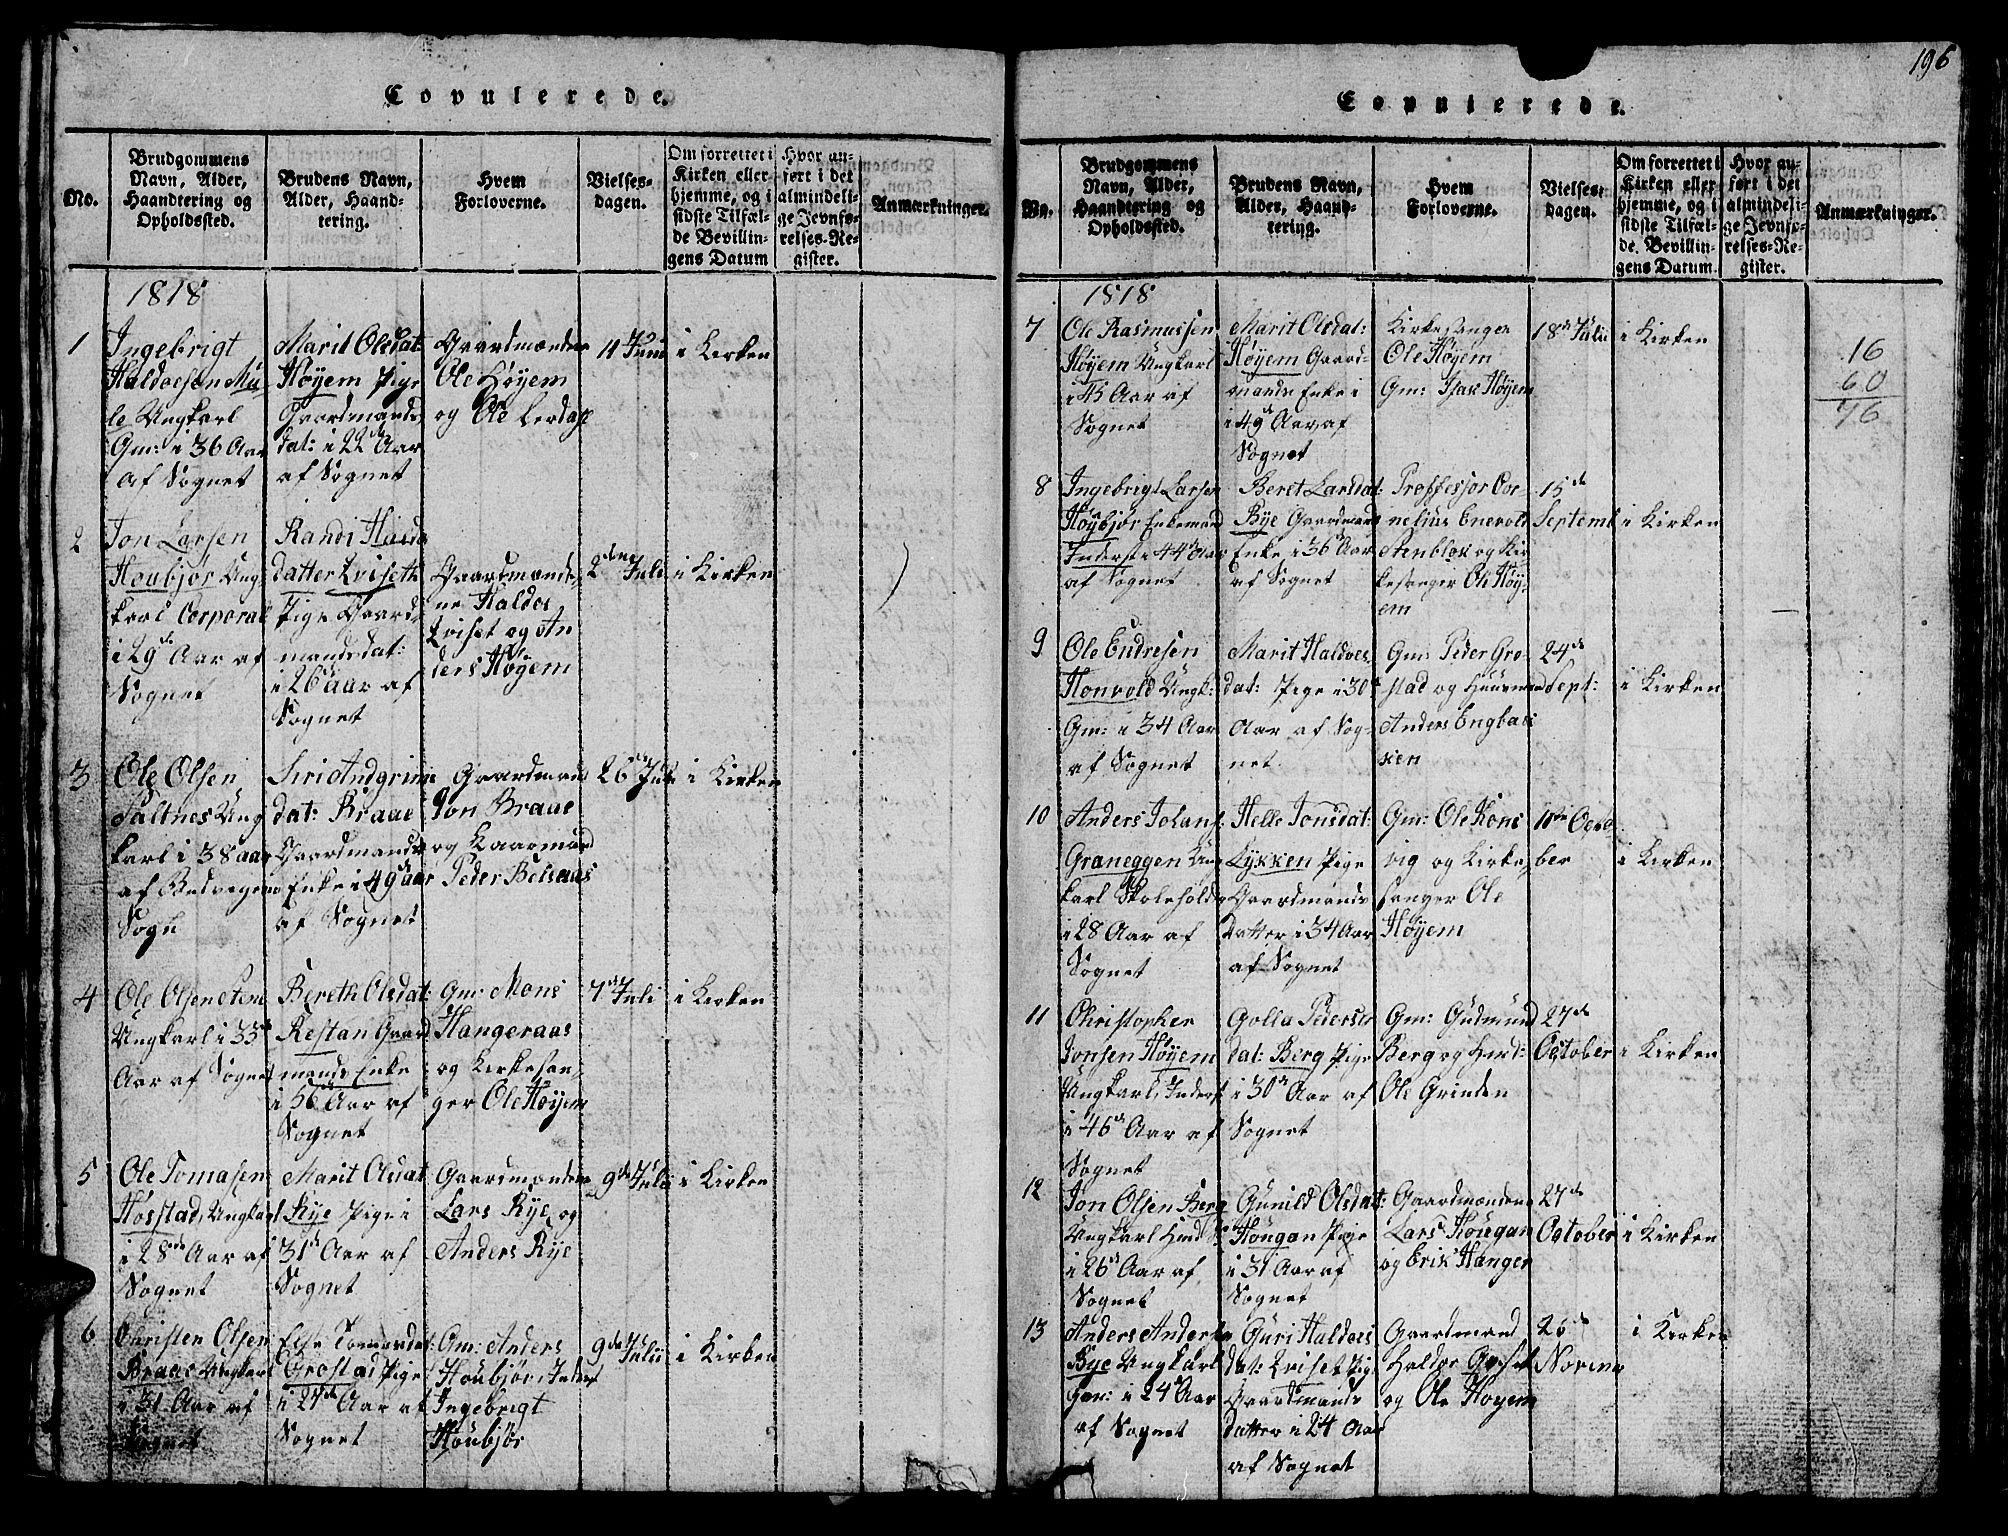 SAT, Ministerialprotokoller, klokkerbøker og fødselsregistre - Sør-Trøndelag, 612/L0385: Klokkerbok nr. 612C01, 1816-1845, s. 196